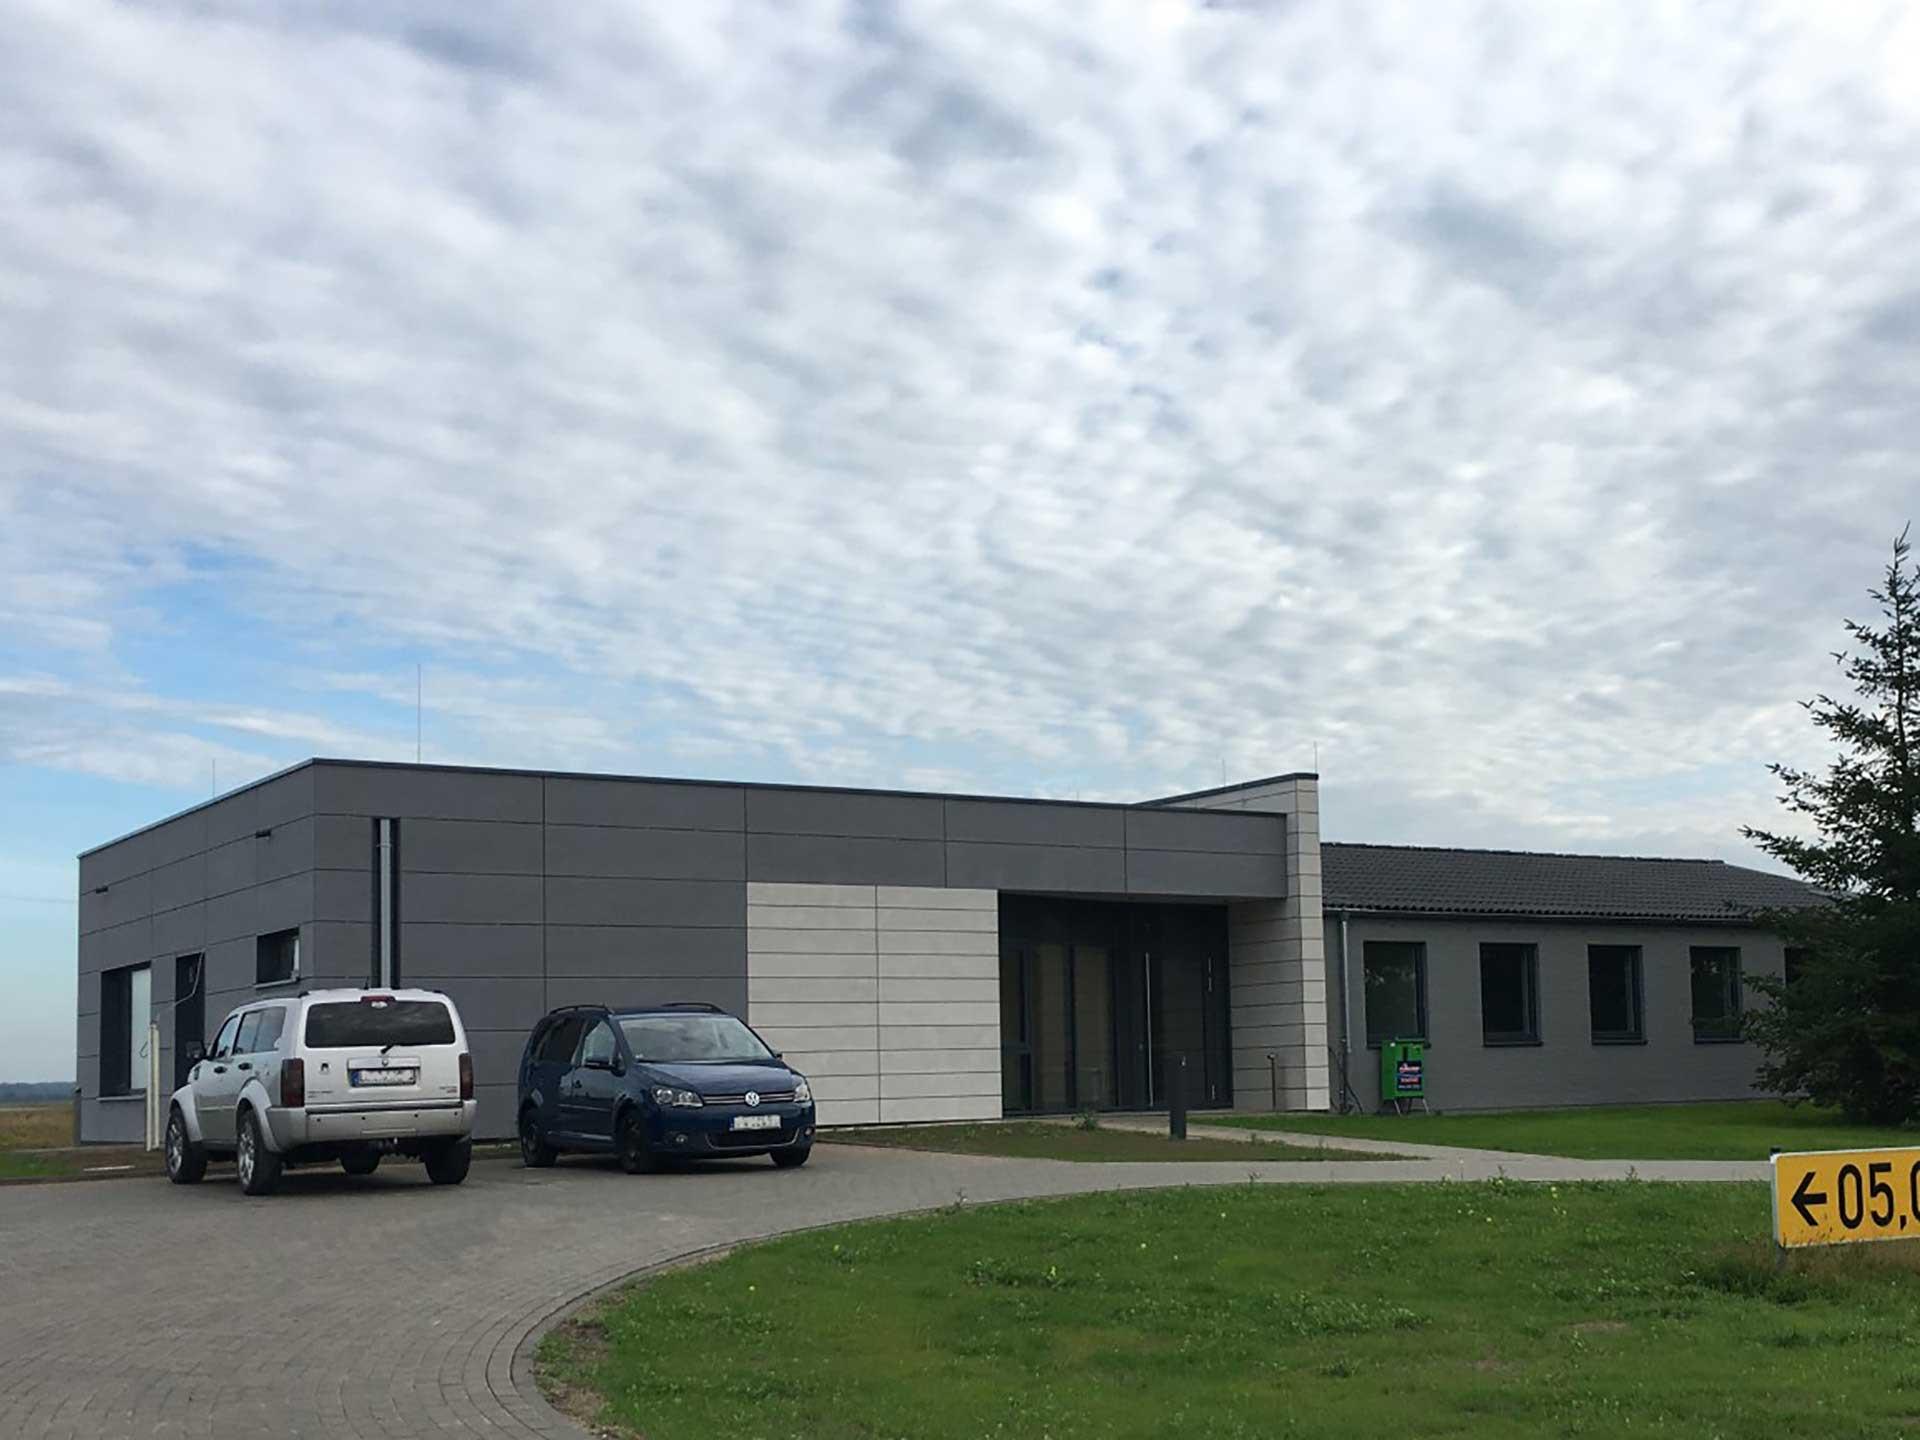 04-janiak-lippert_bundesbau-02-Natoflugplatz